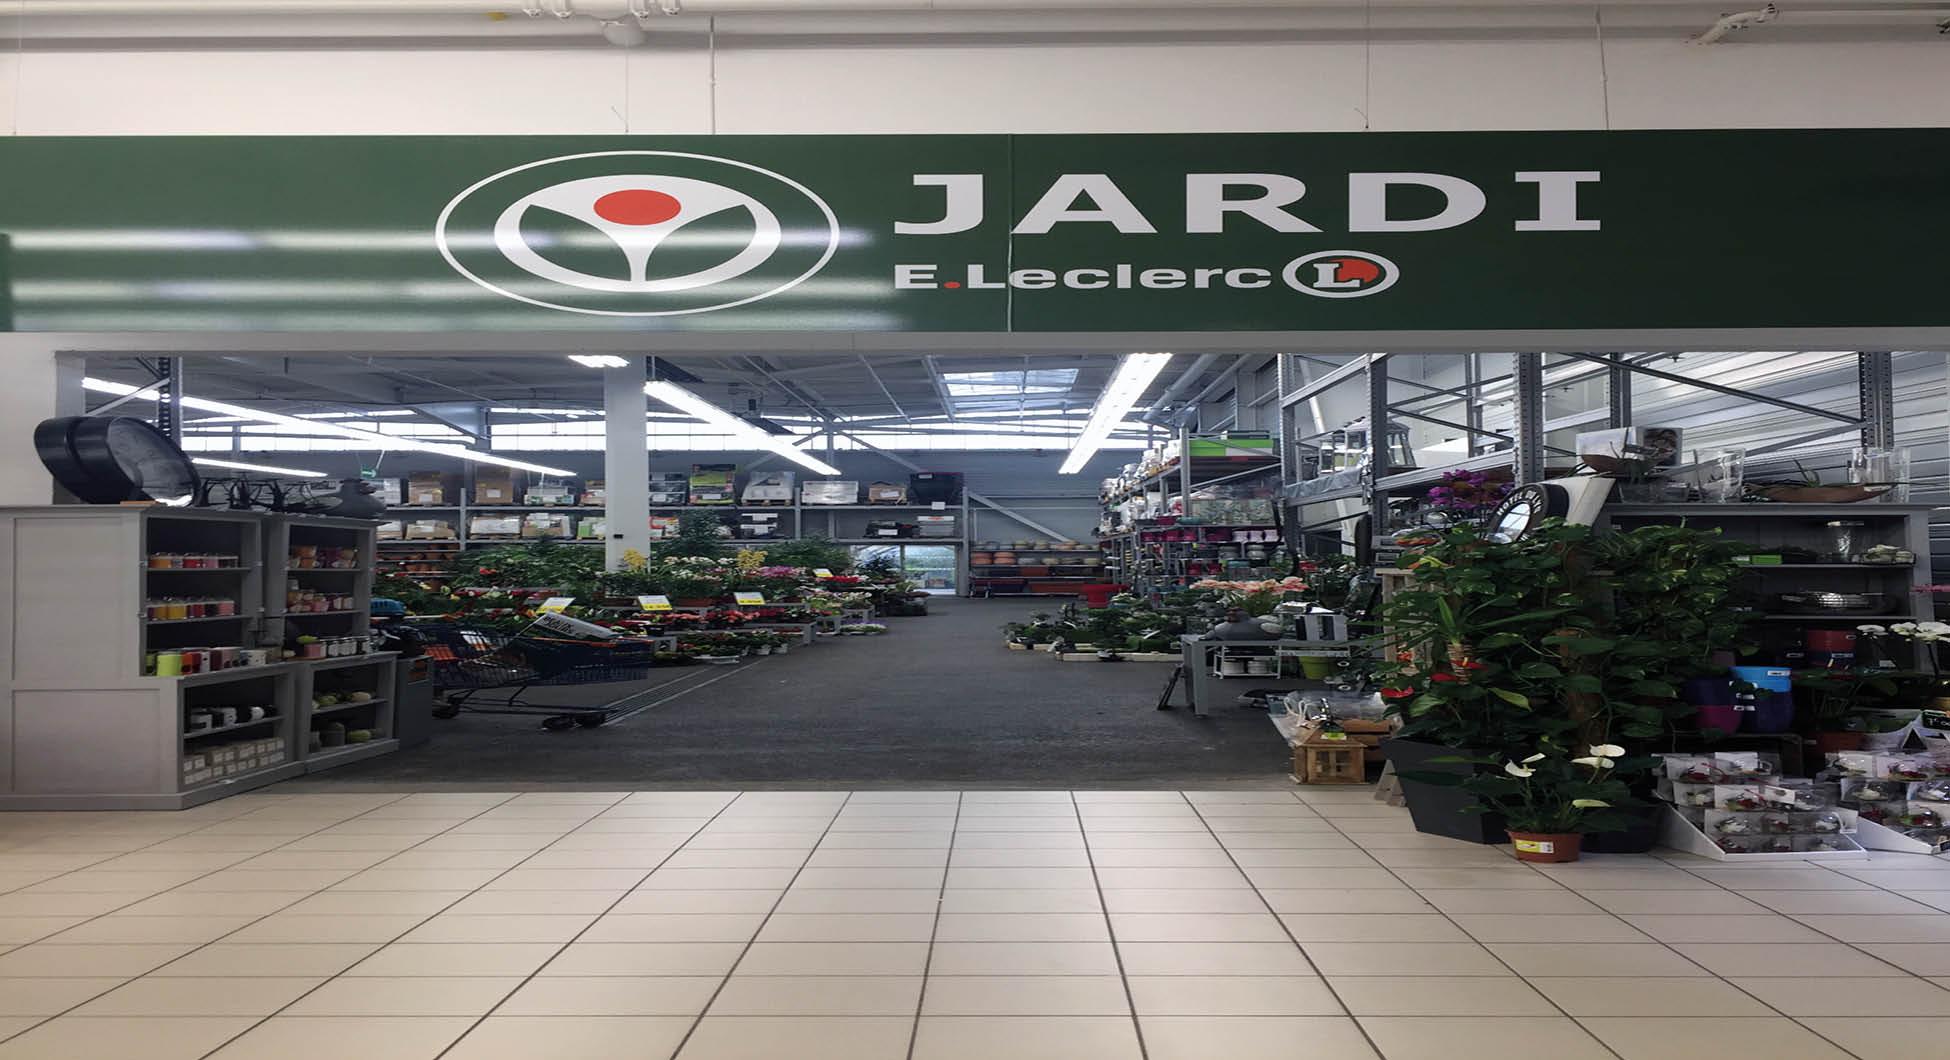 E.leclerc Rochefort Sur Mer - Rochefort - Jardi destiné Soldes Salon De Jardin Leclerc